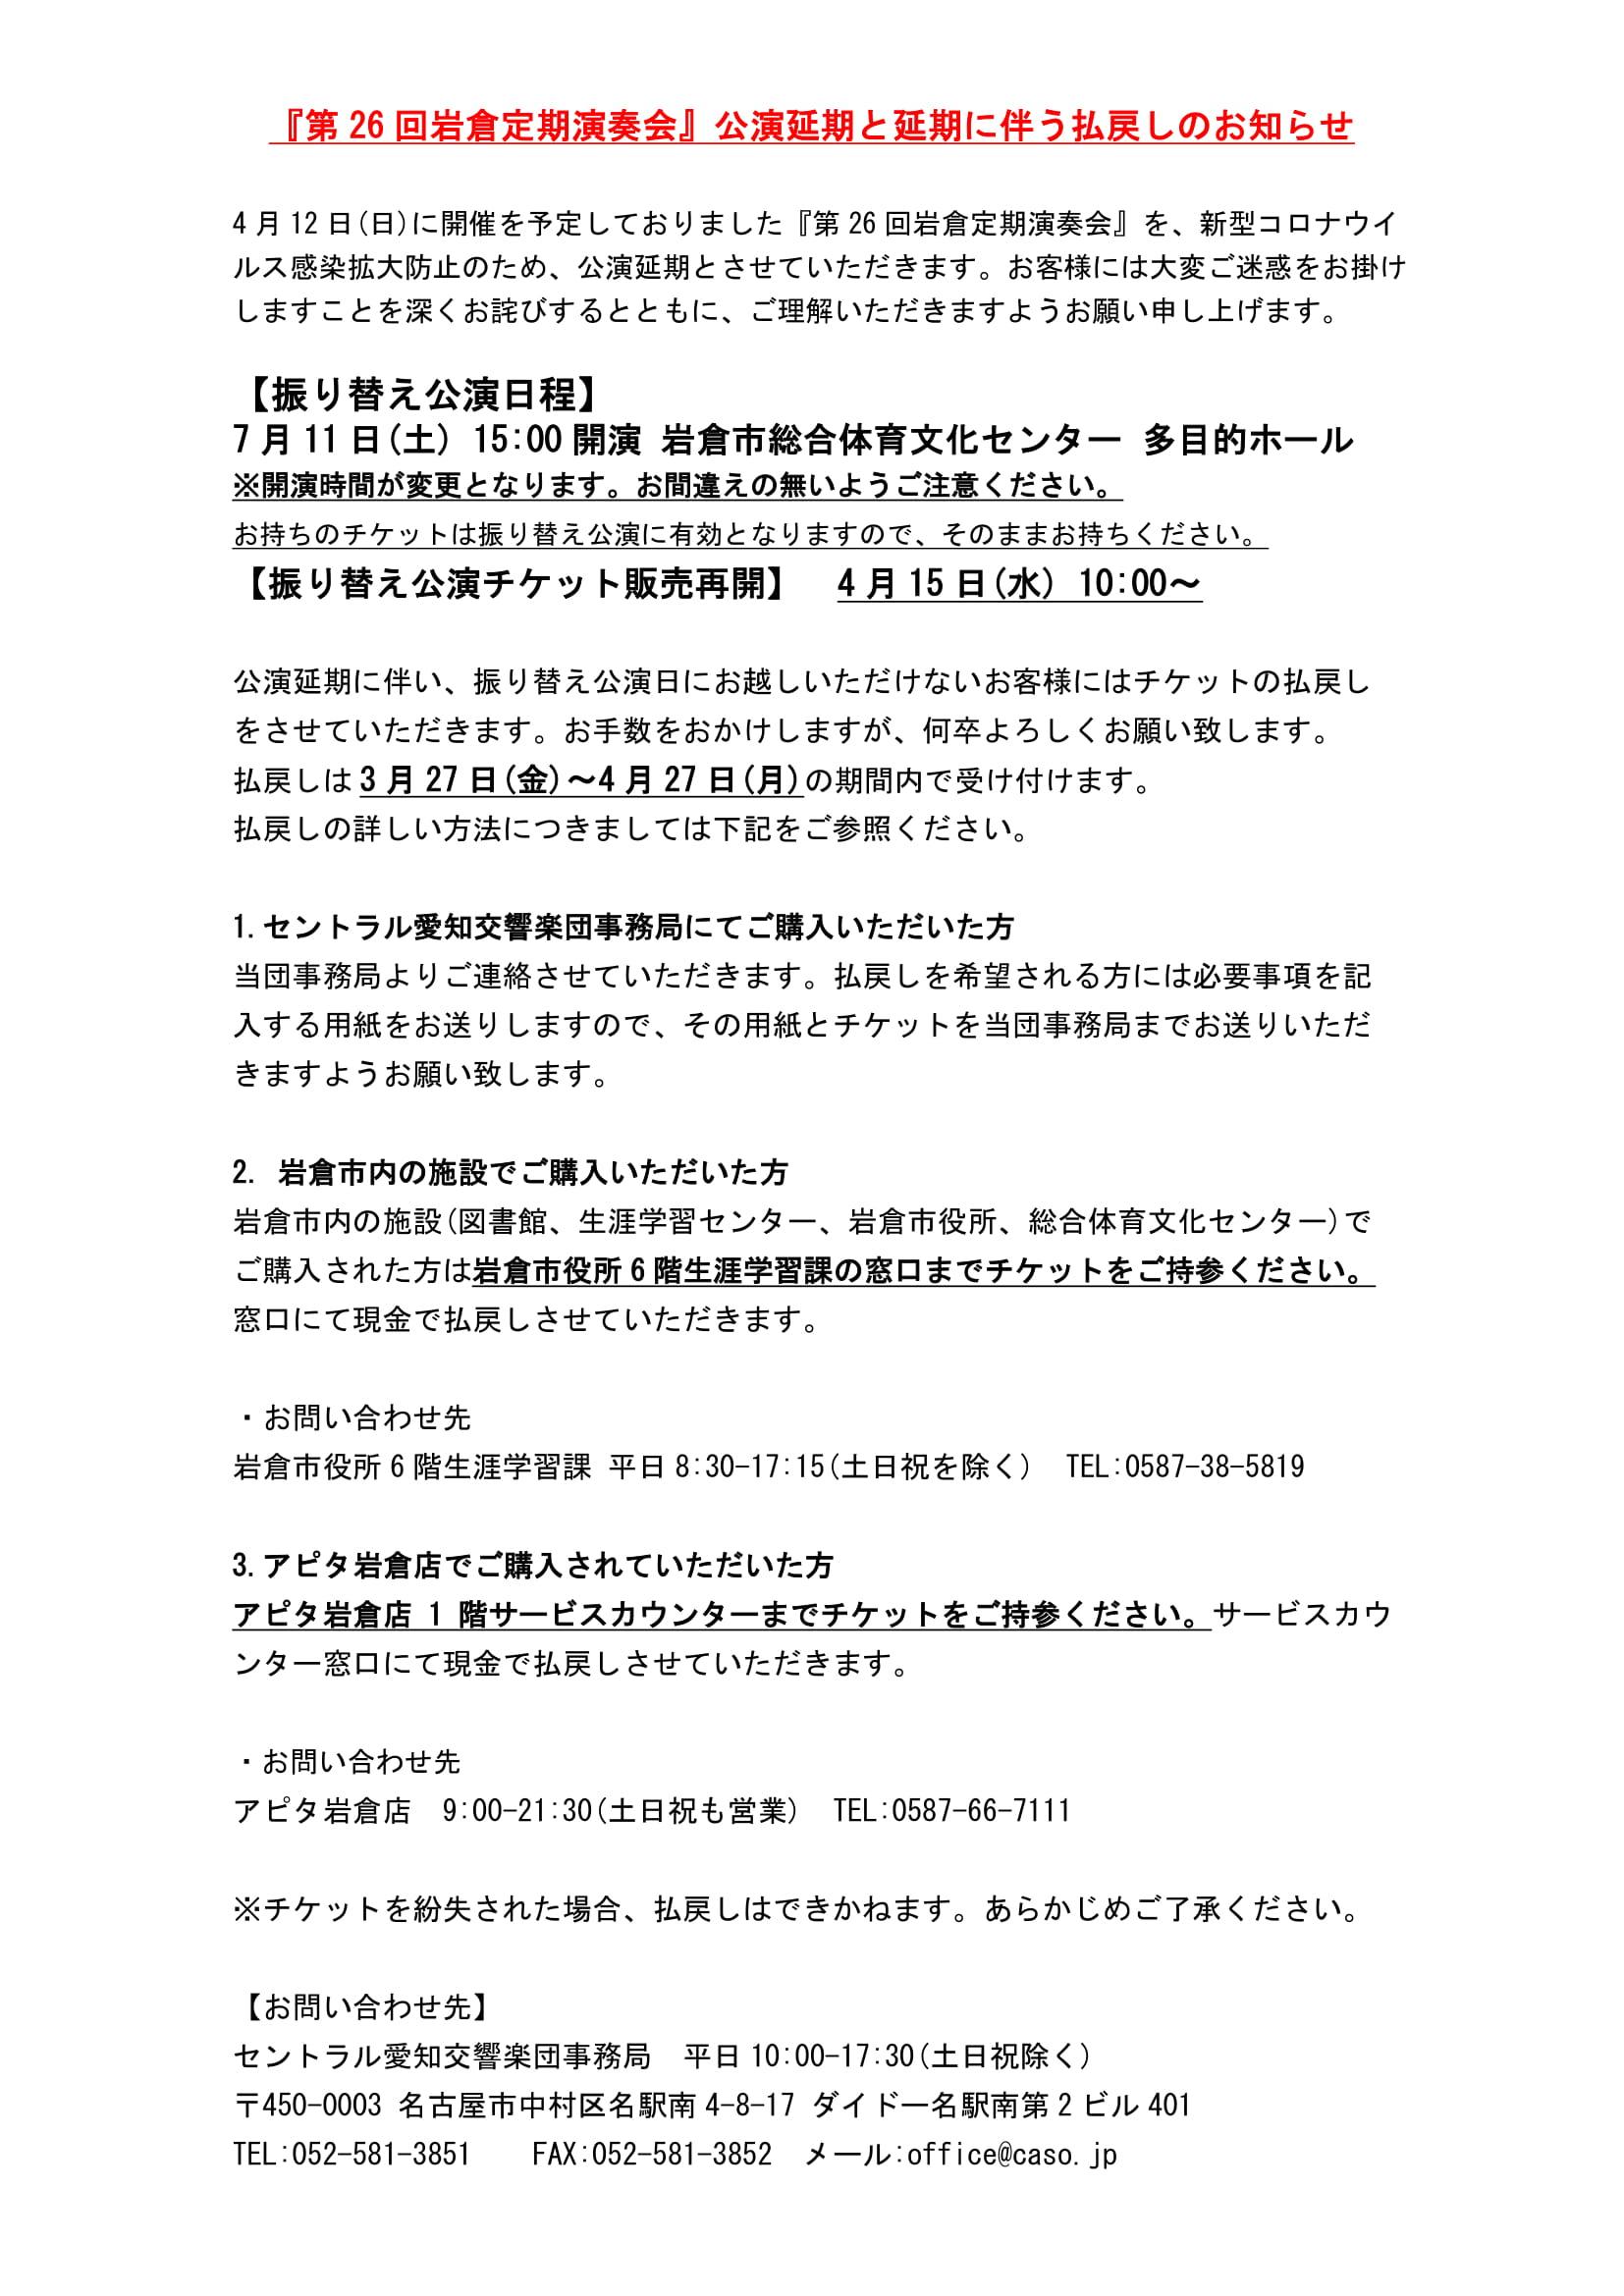 【公演延期】第26回岩倉定期演奏会